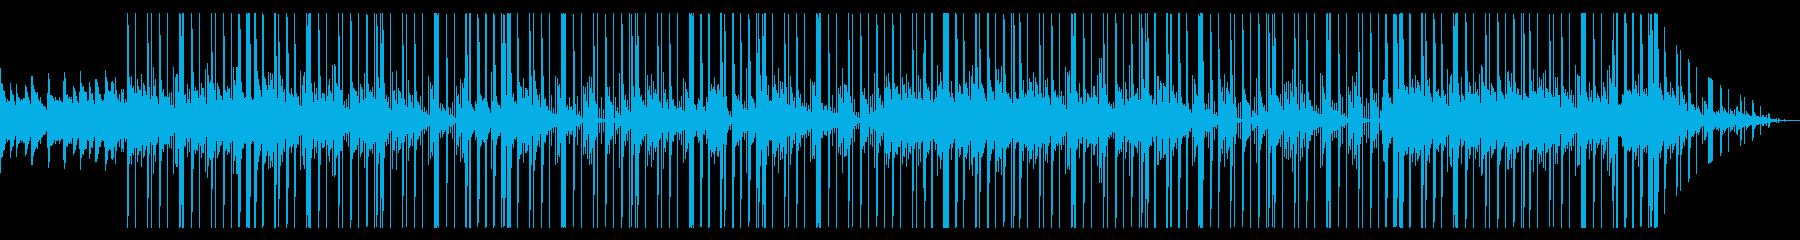 ゆったり コーラス ピアノ Lo-Fiの再生済みの波形